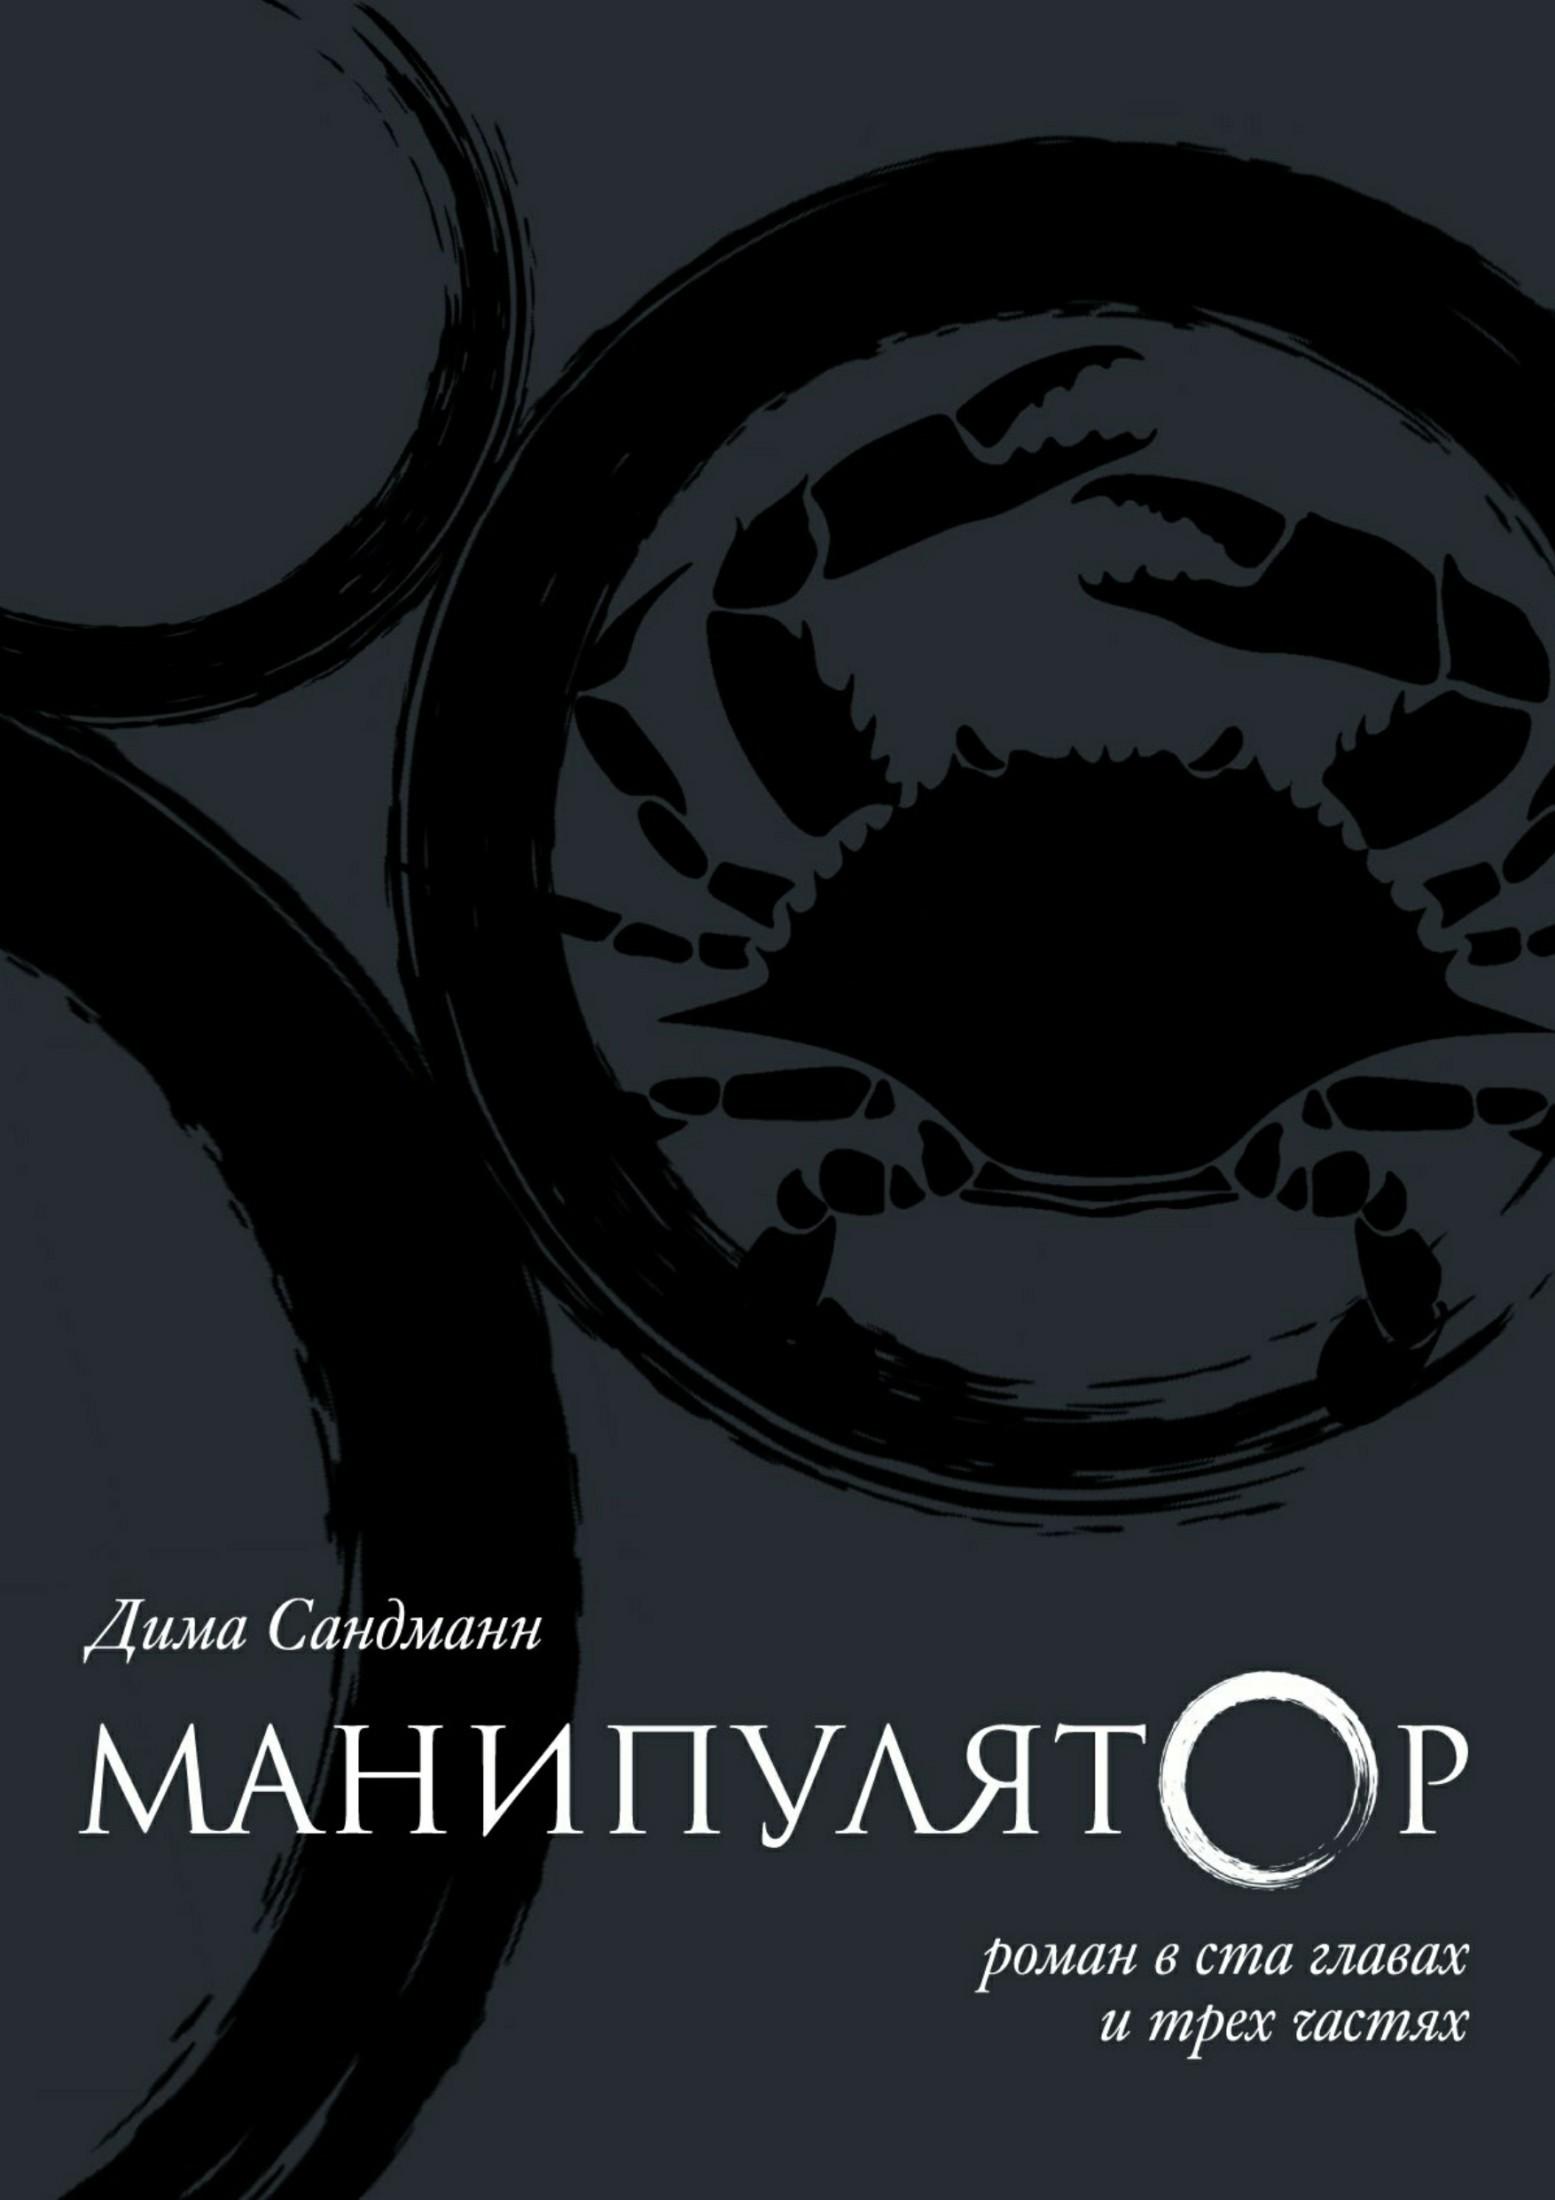 Дима Сандманн Манипулятор. Глава 062 дима сандманн манипулятор глава 046